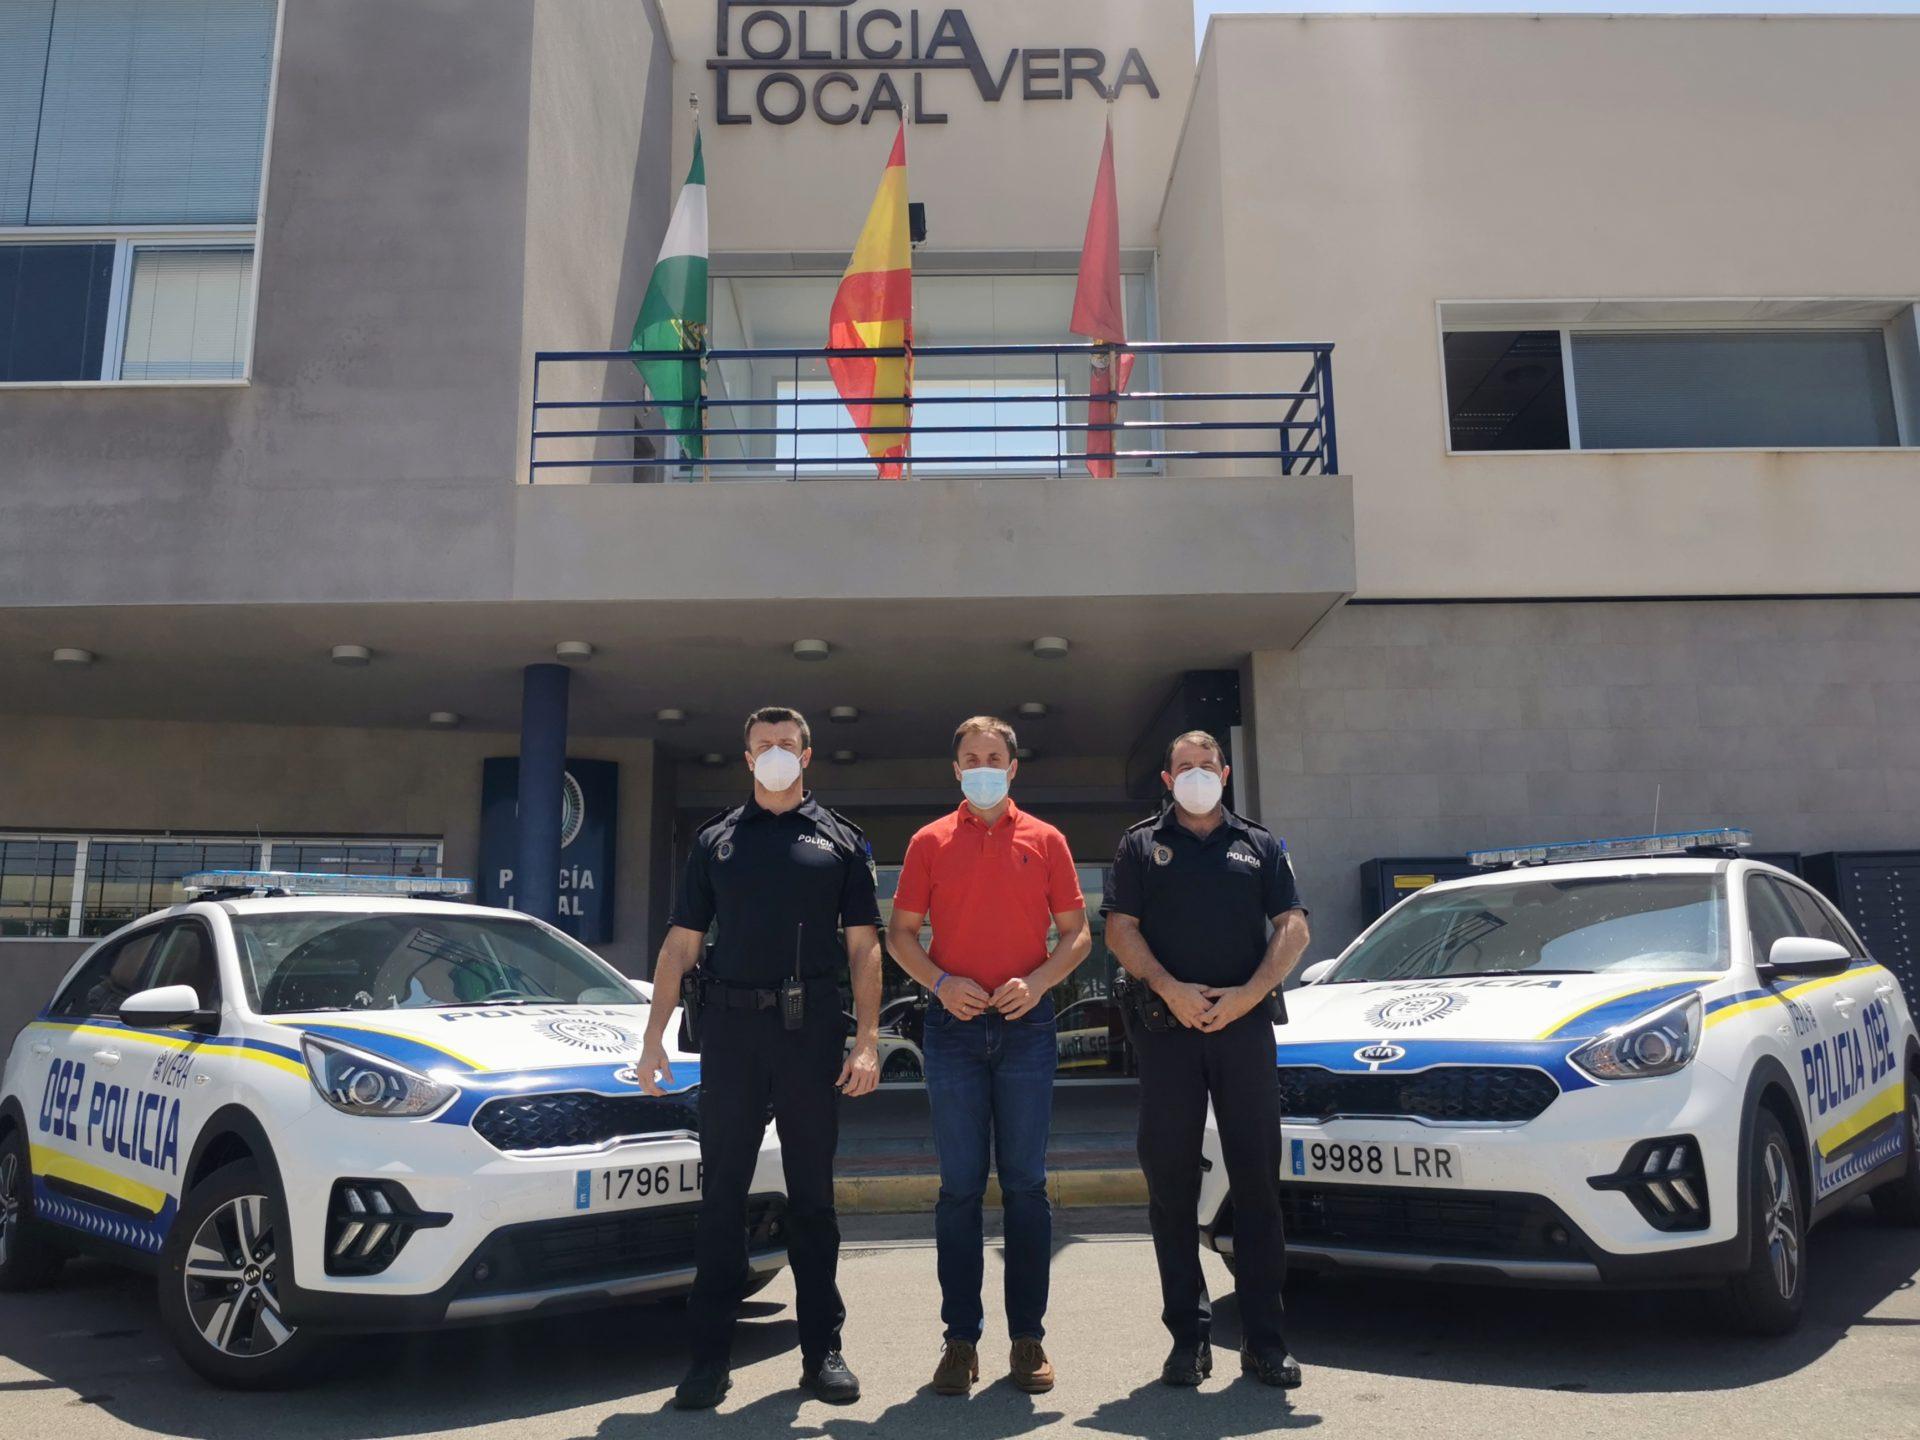 El Ayuntamiento de Vera adquiere dos nuevos vehículos para la Policía Local